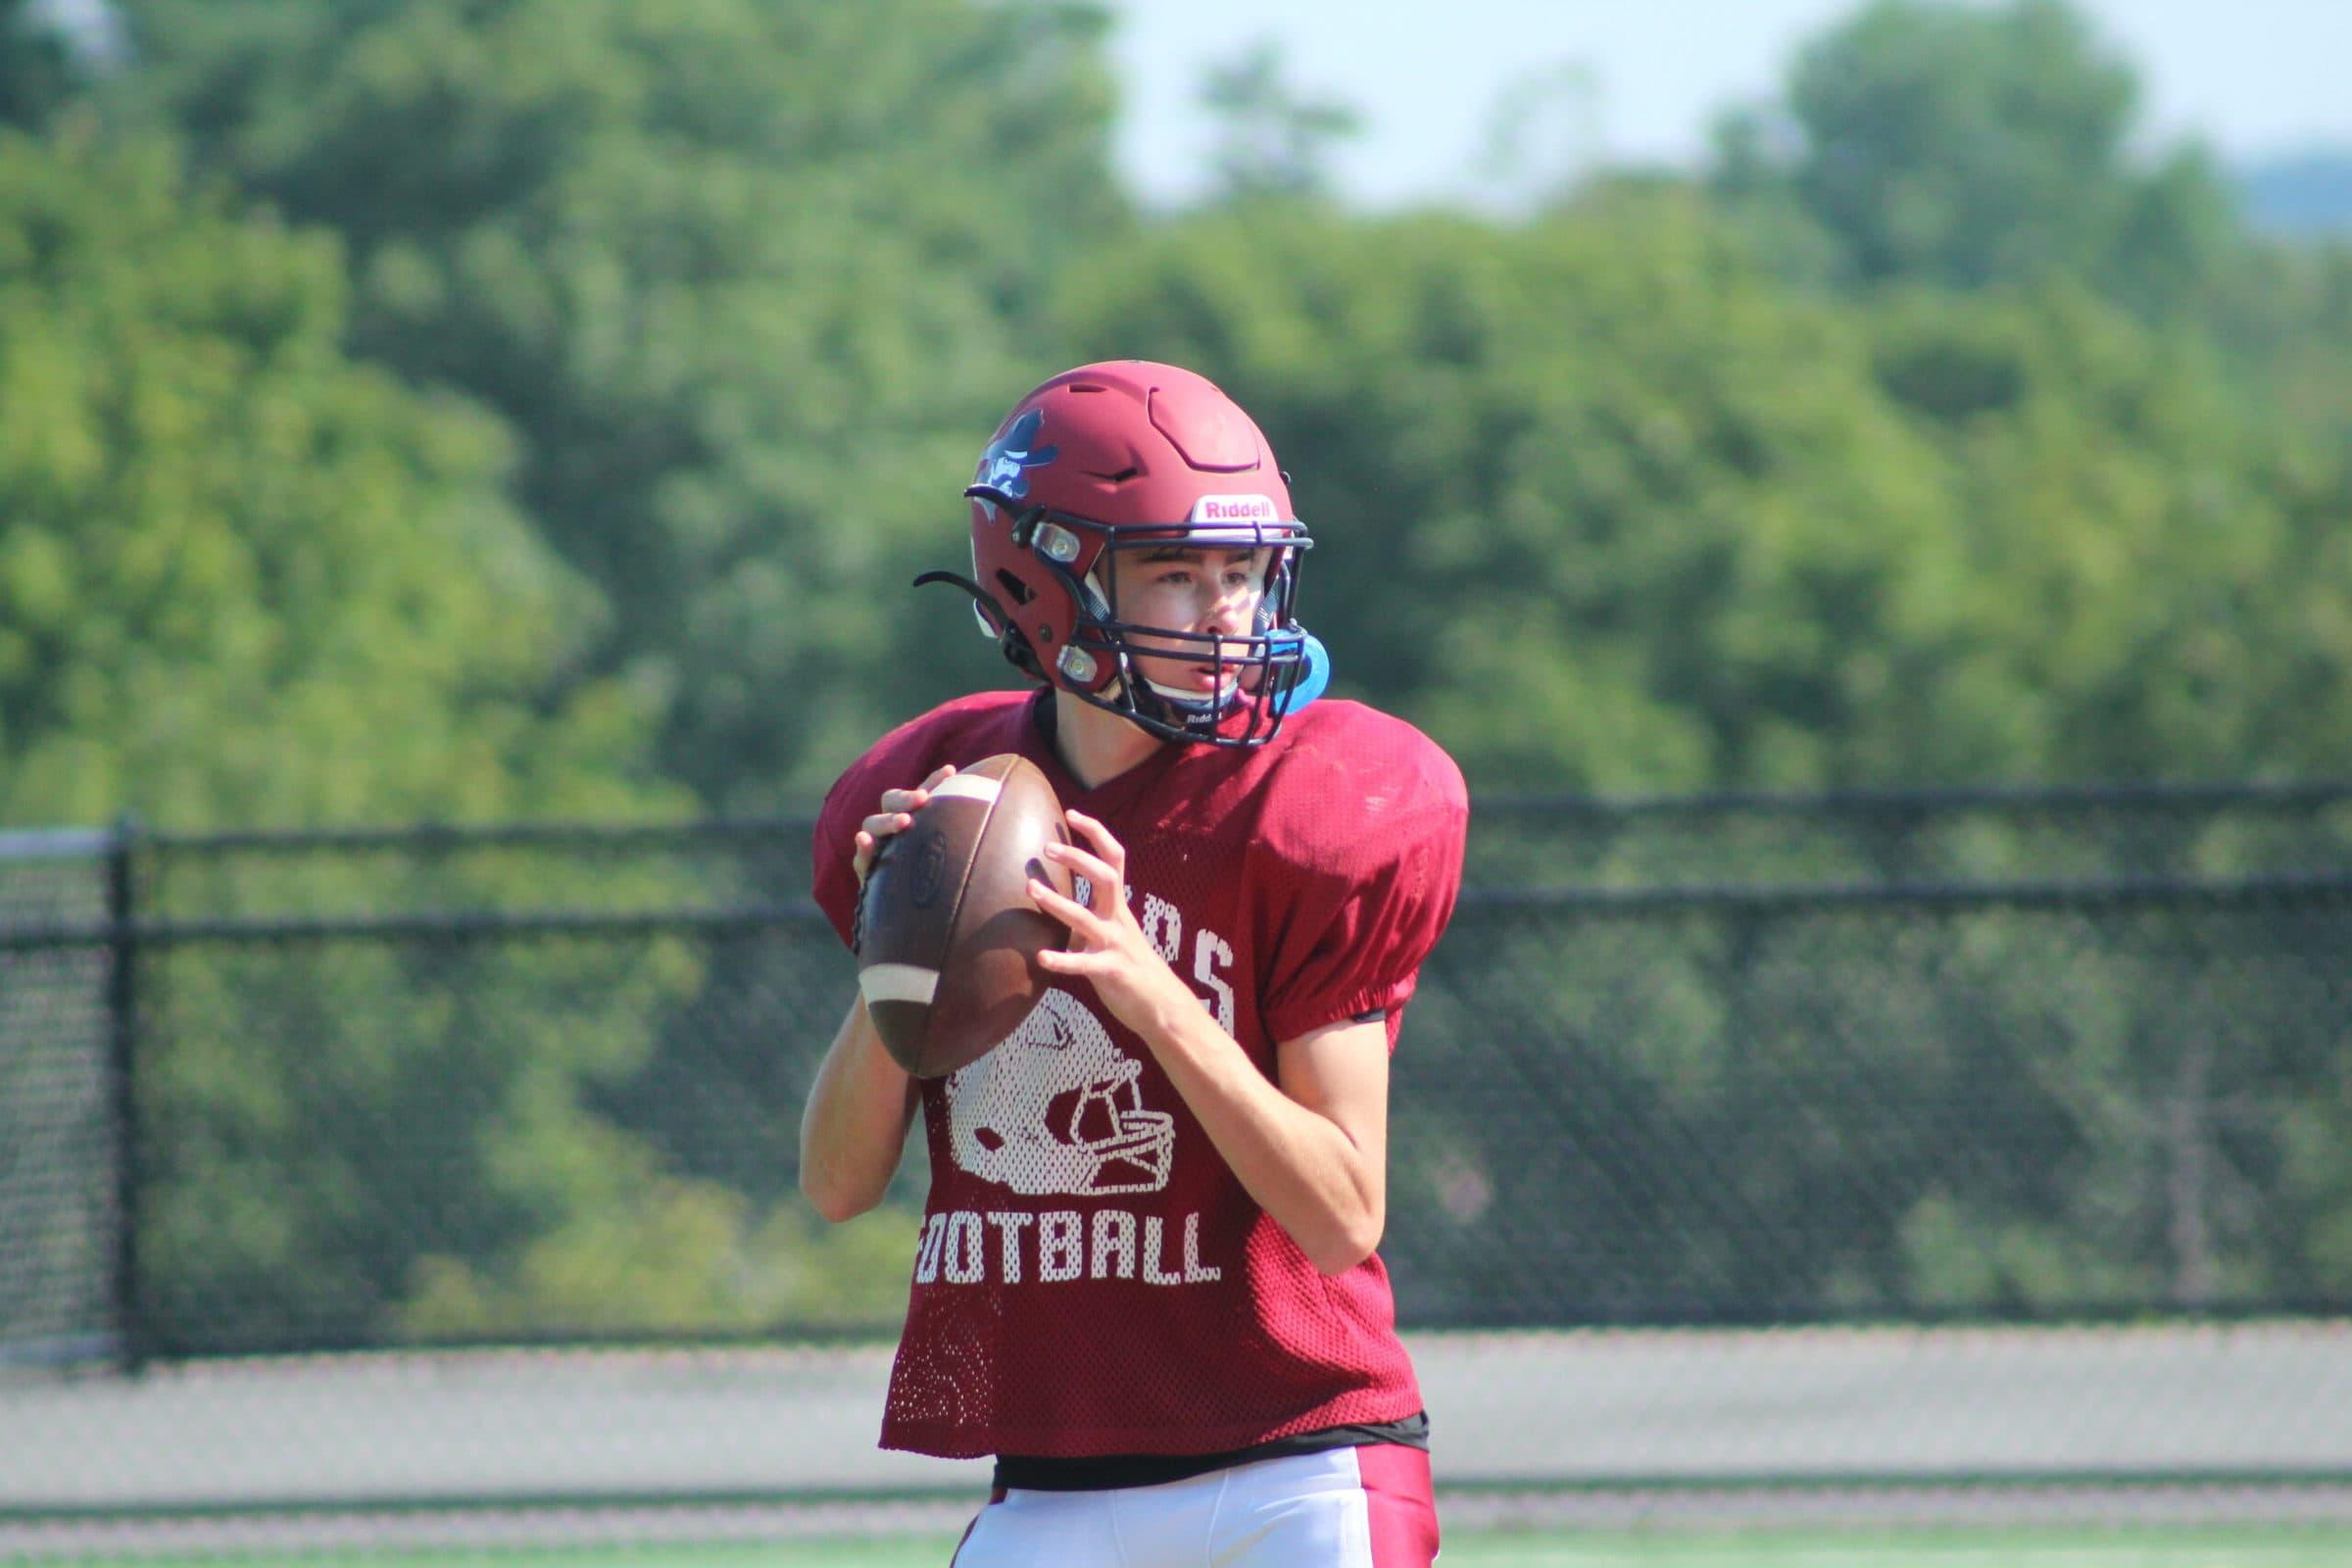 A Westborough quarterback prepares to throw the ball.